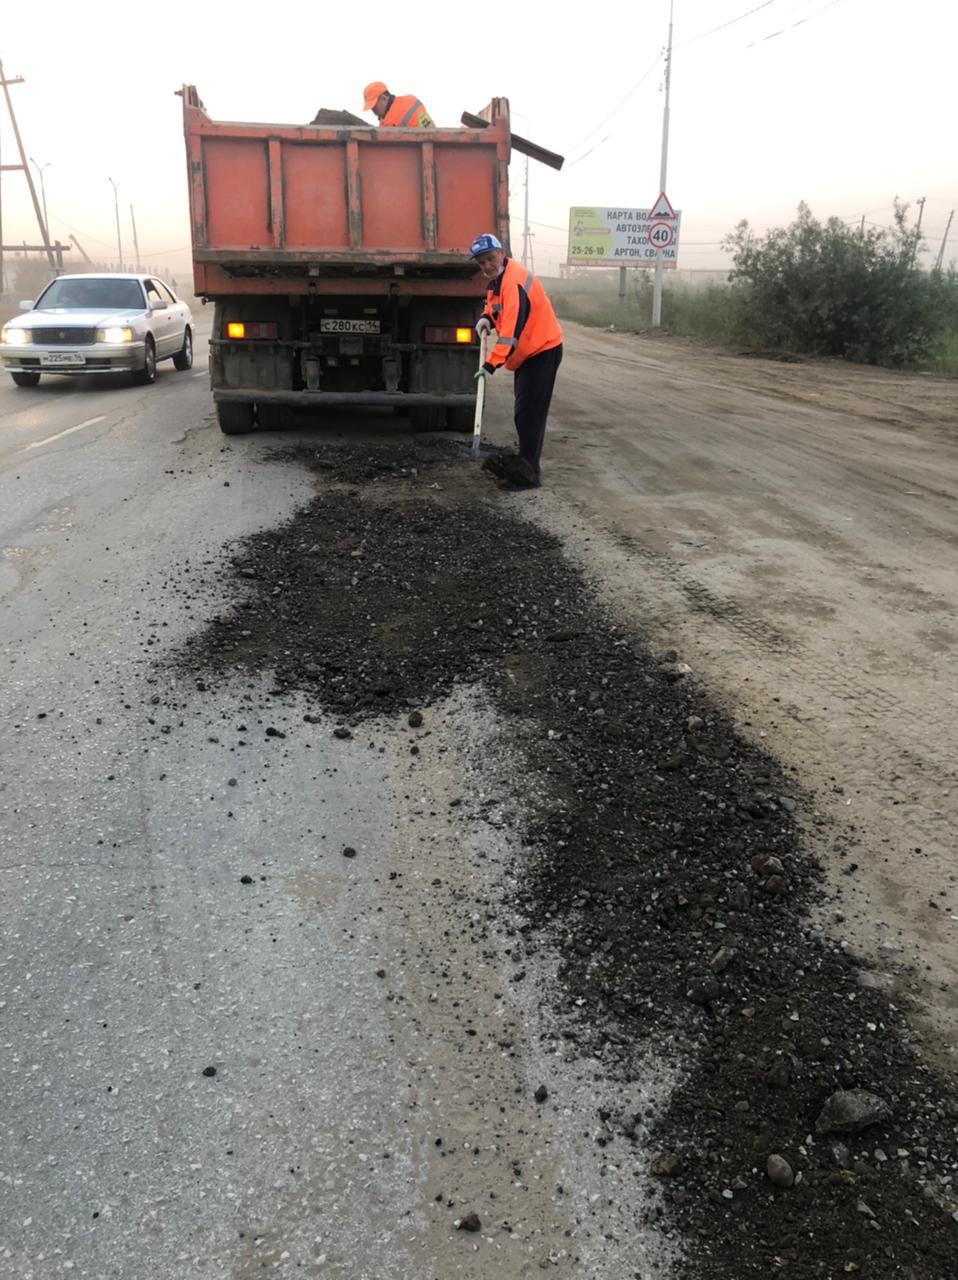 МКУ «СЭГХ»: «Ямочный ремонт с использованием асфальтовой крошки по ул. Можайского был запланирован с 13 июля»